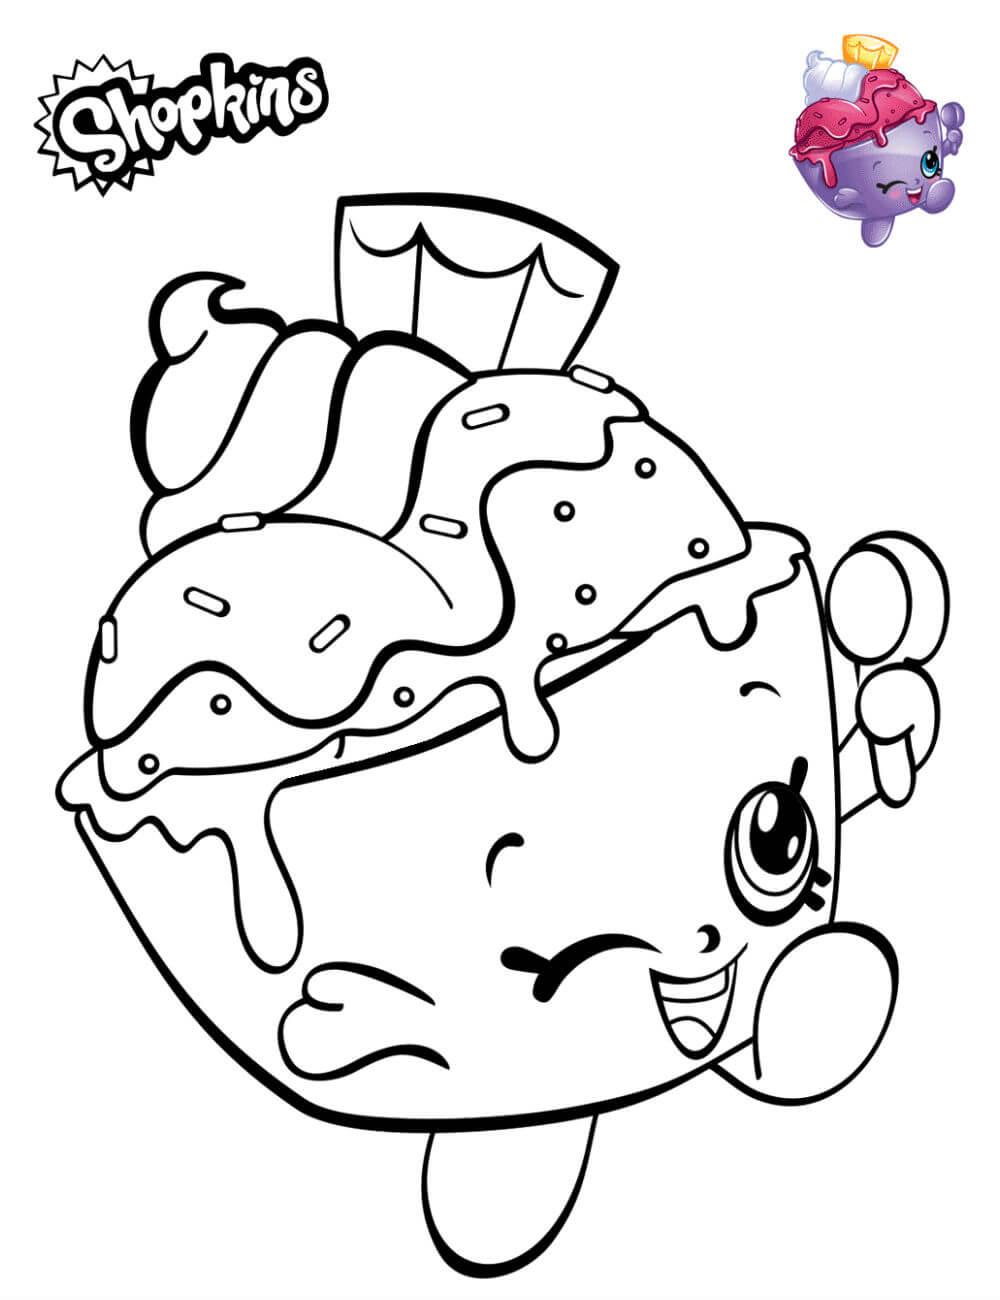 Раскраски Шопкинс распечатать или скачать | Детские раскраски